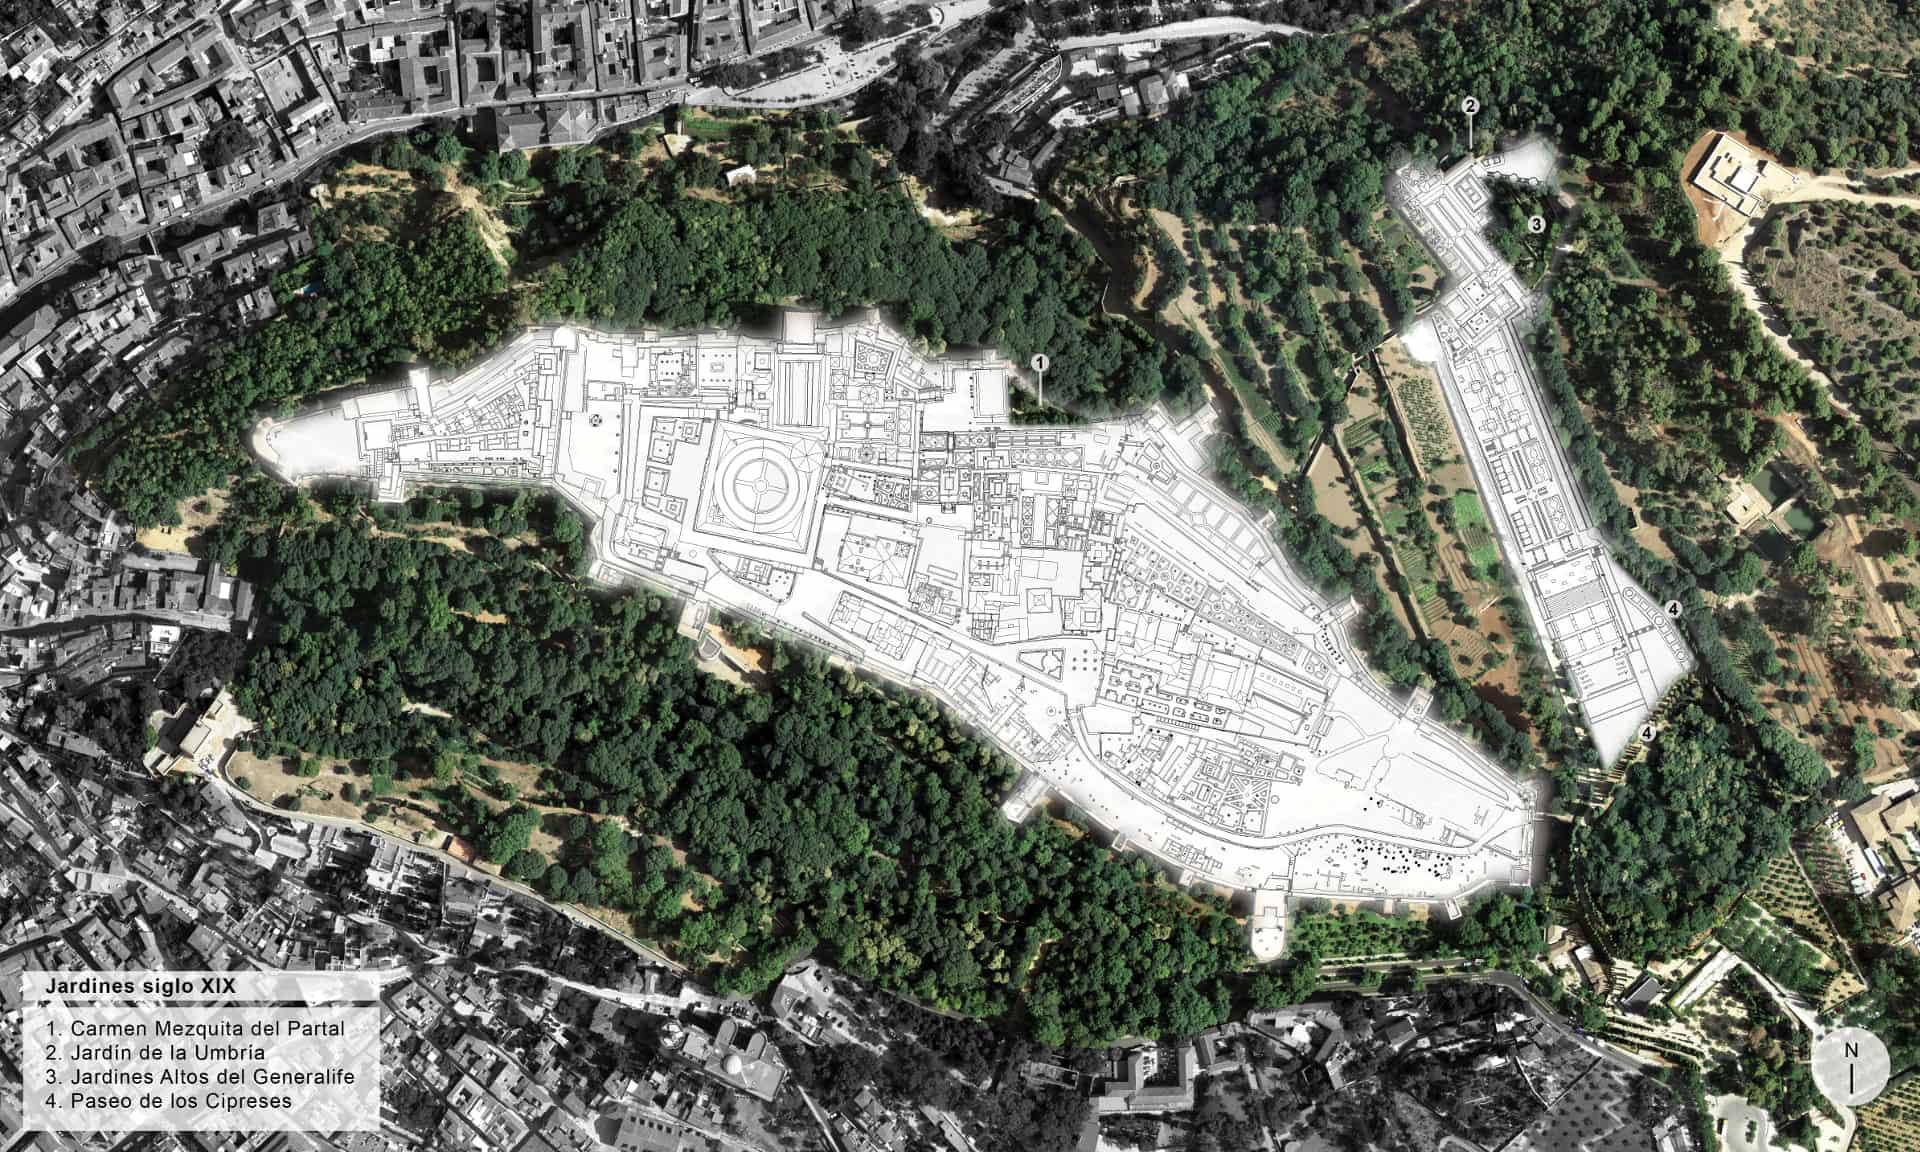 Plano de la Alhambra distribución de jardines siglo XIX